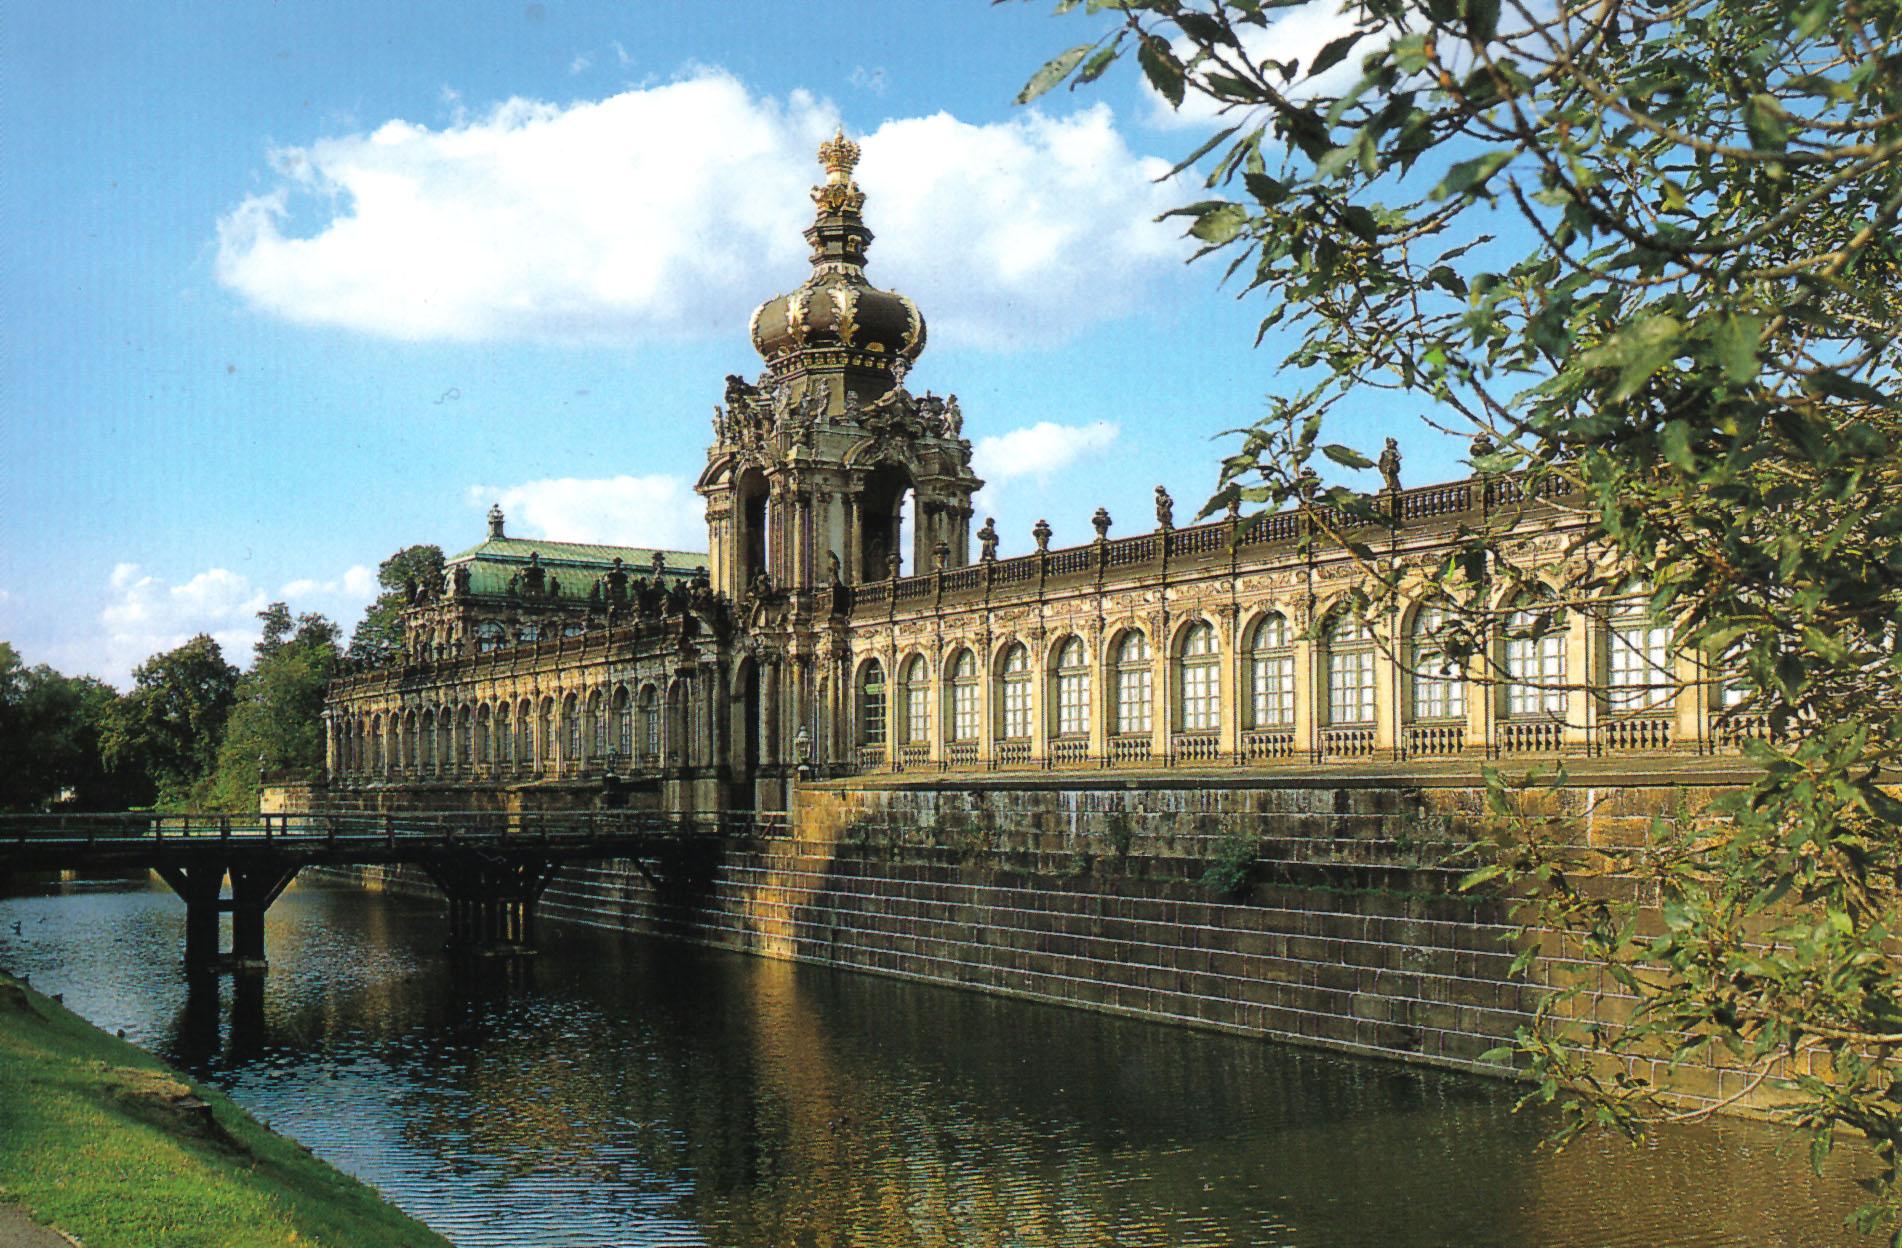 zwinger-palace-secret-world